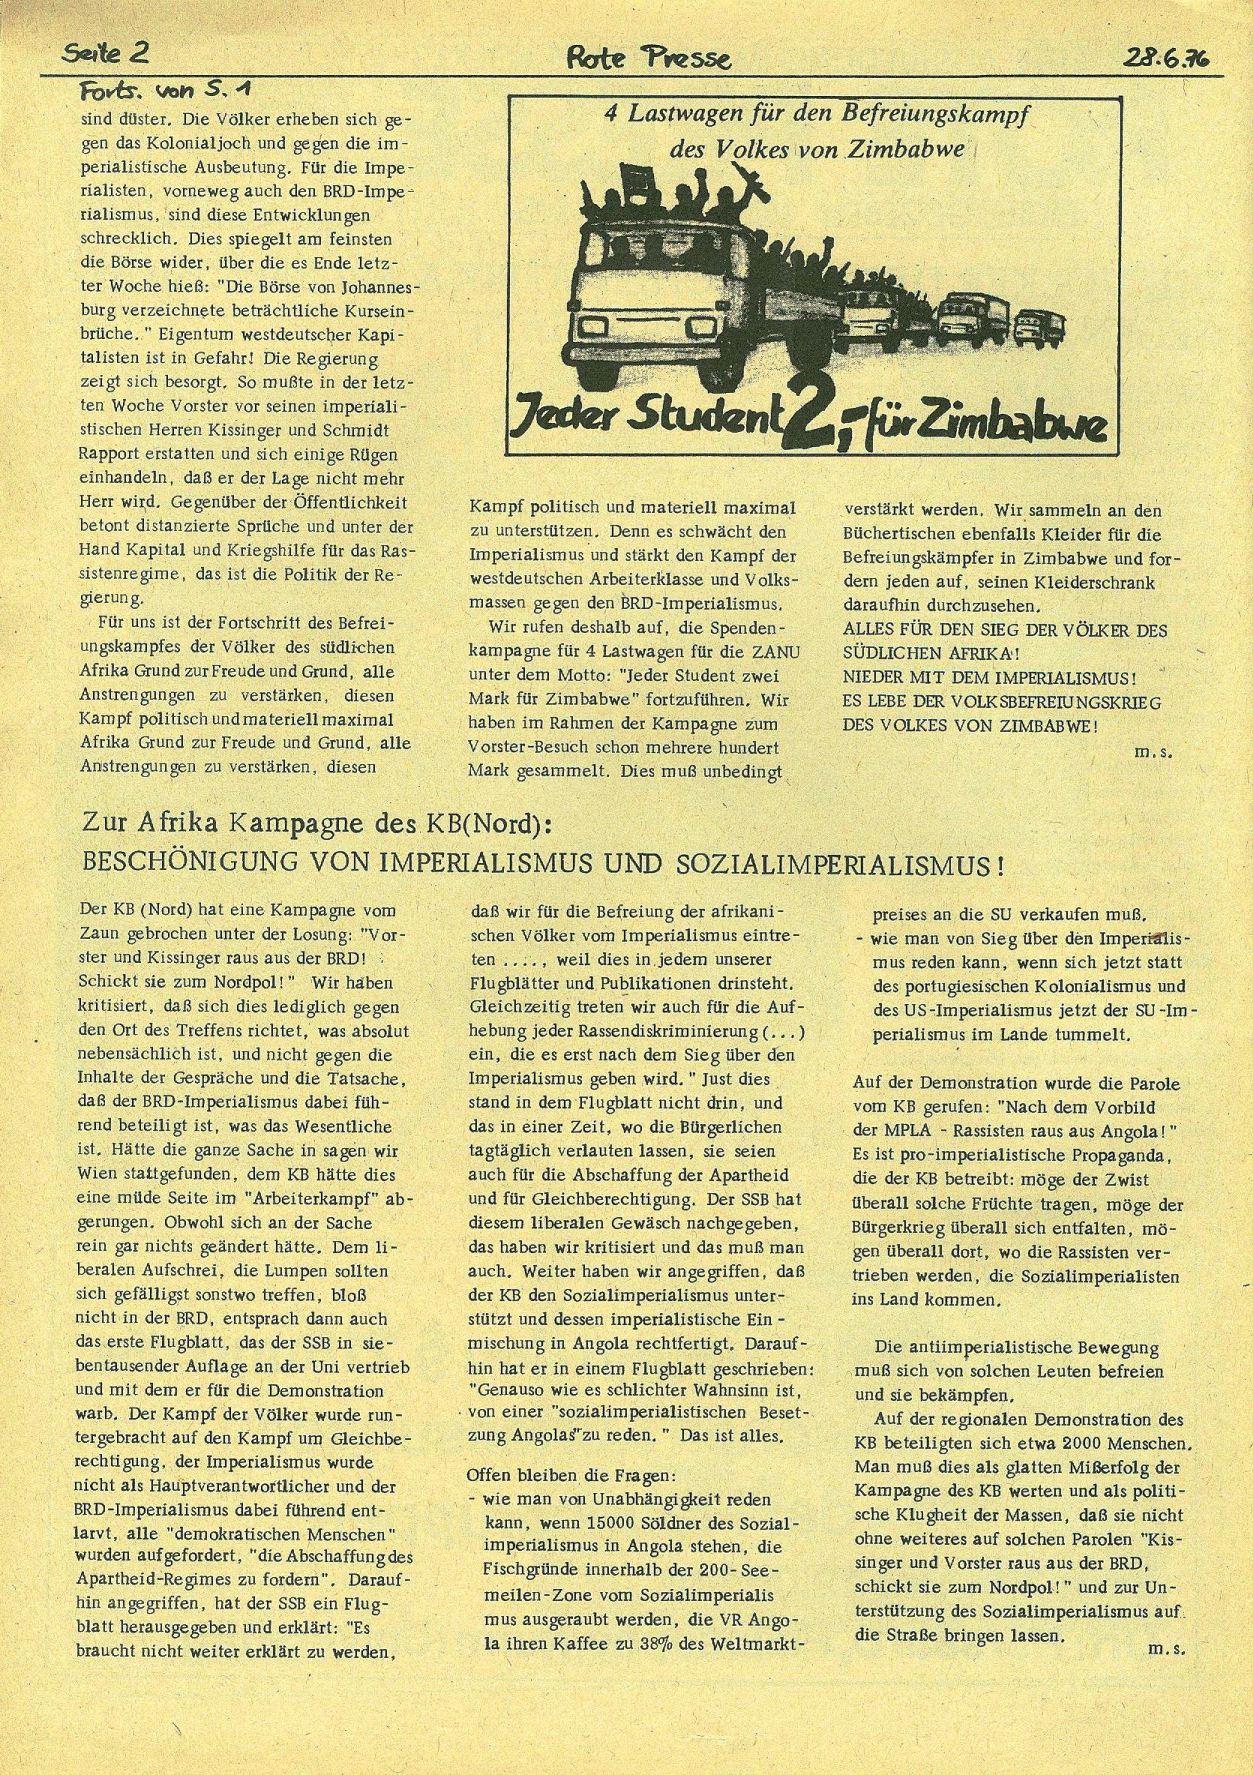 Hamburg_Rote_Presse730